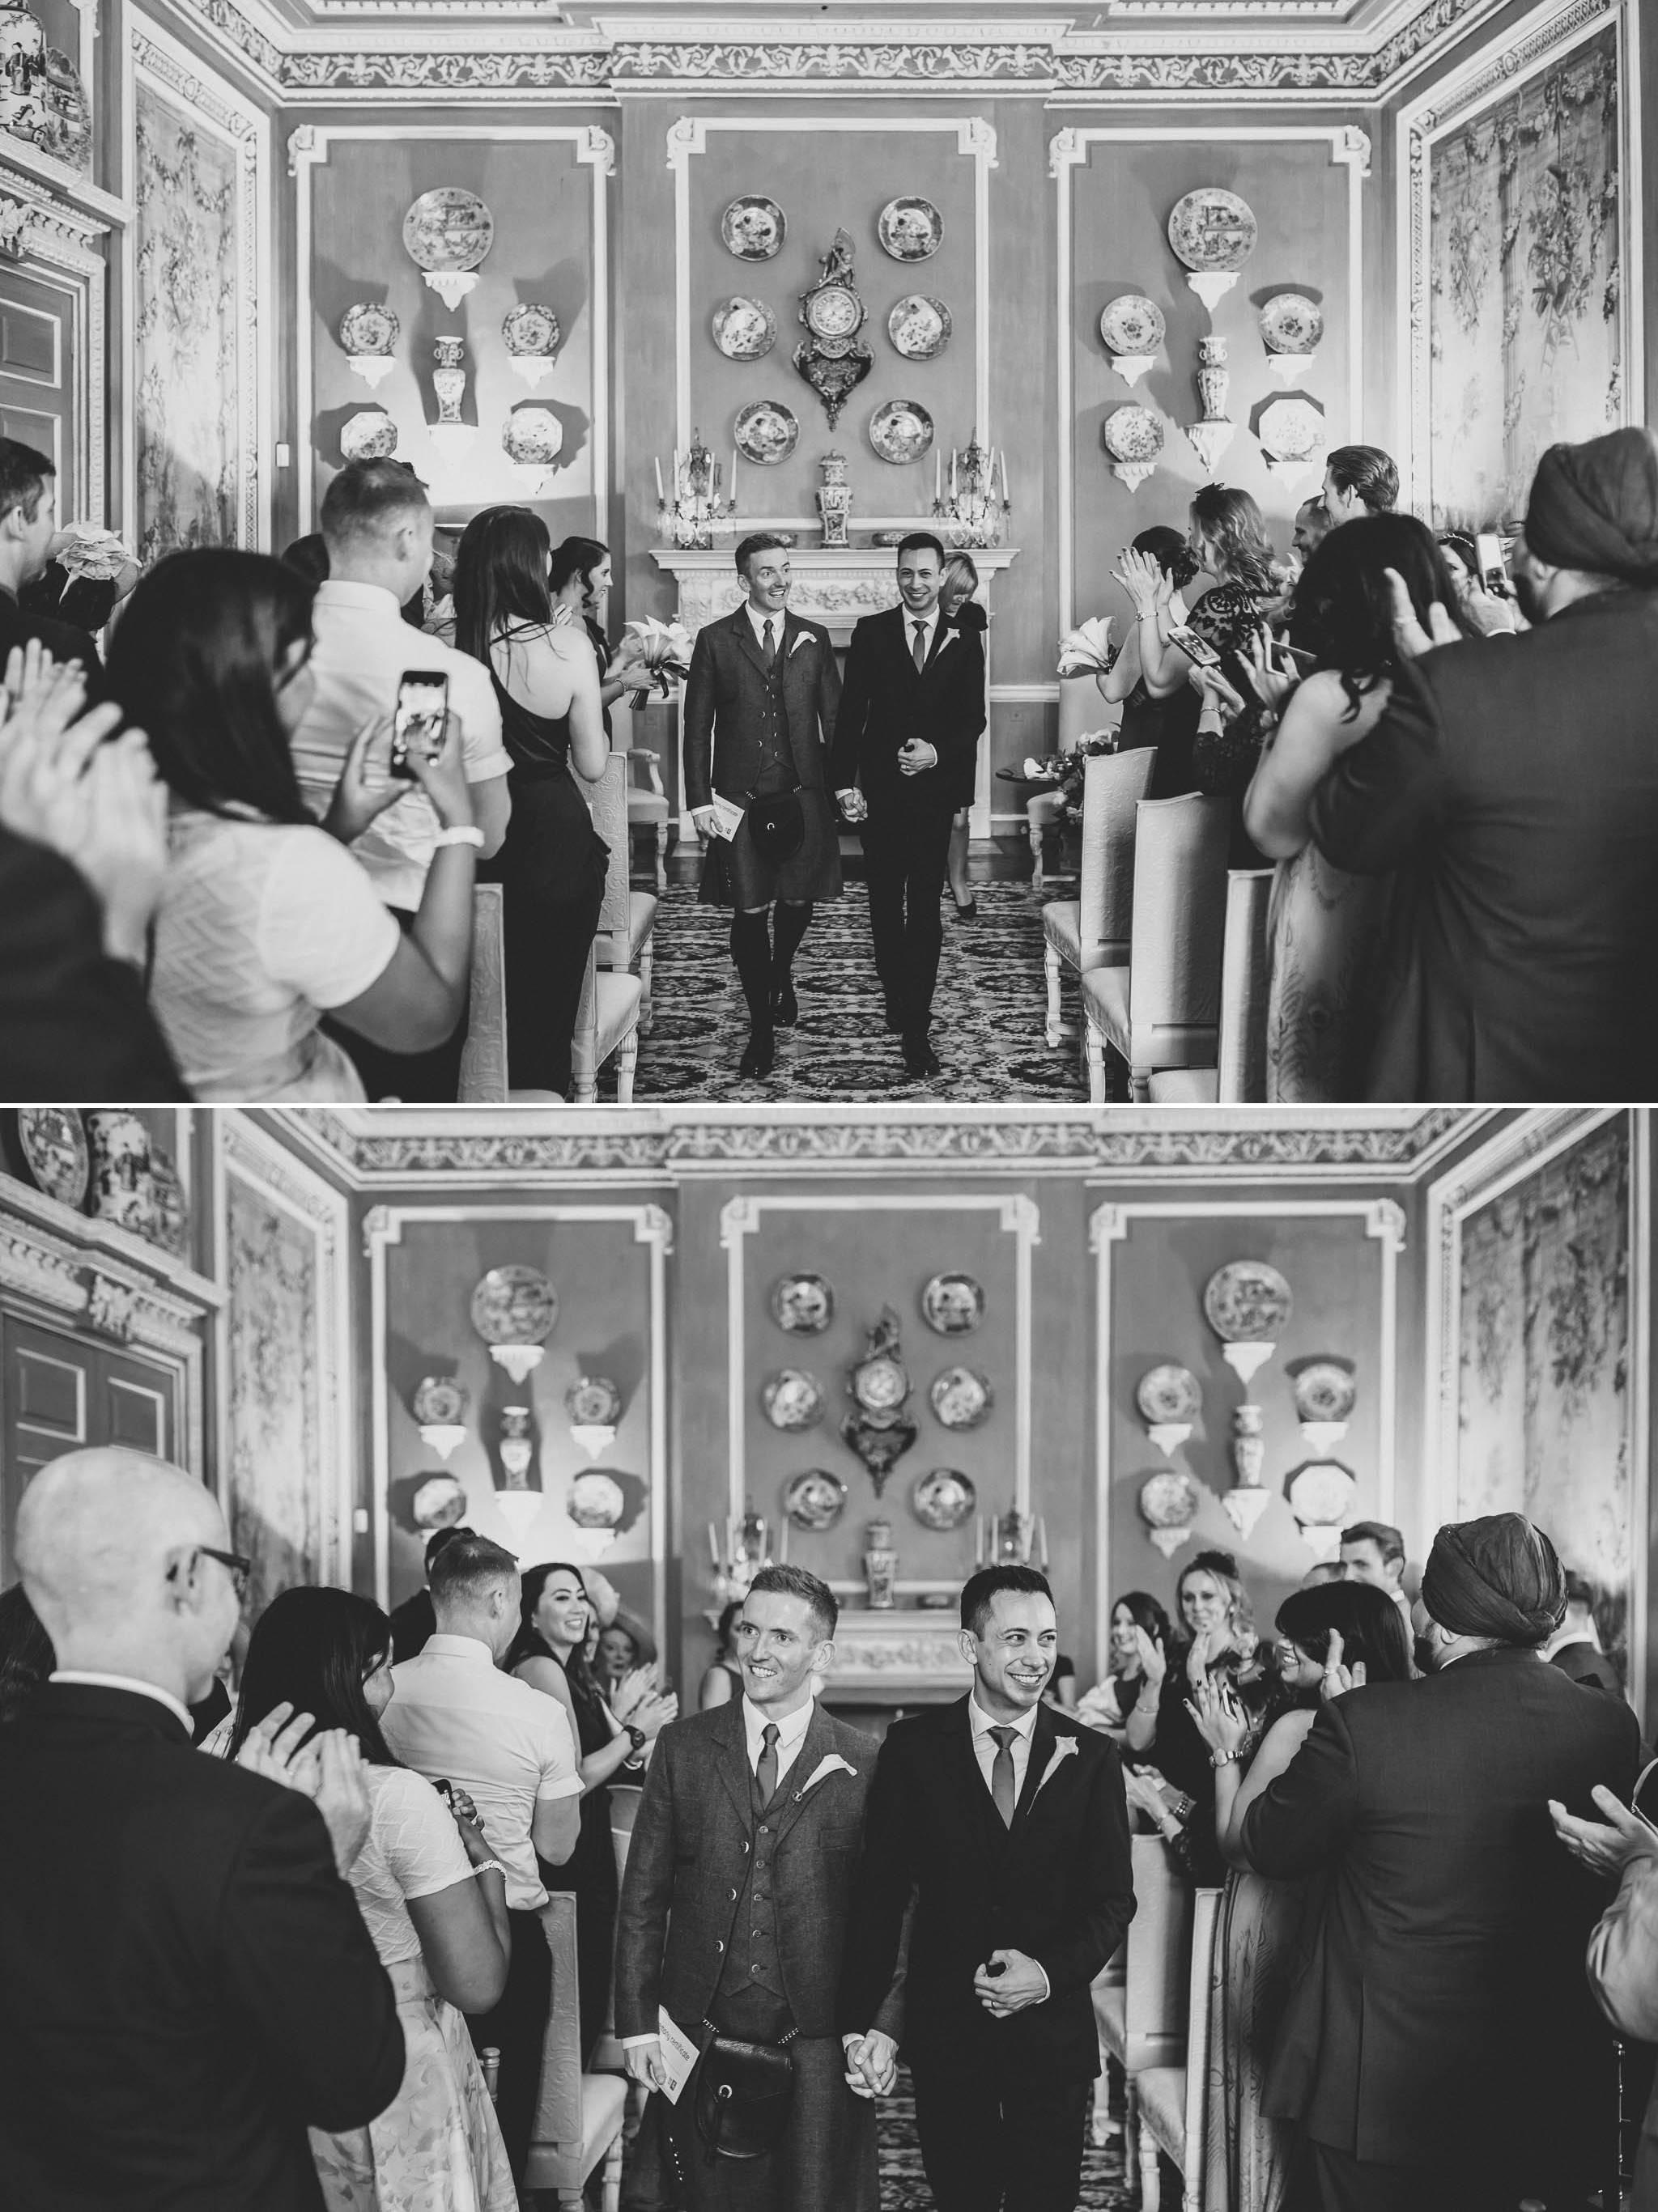 leeds-castle-wedding-photography 20.jpg